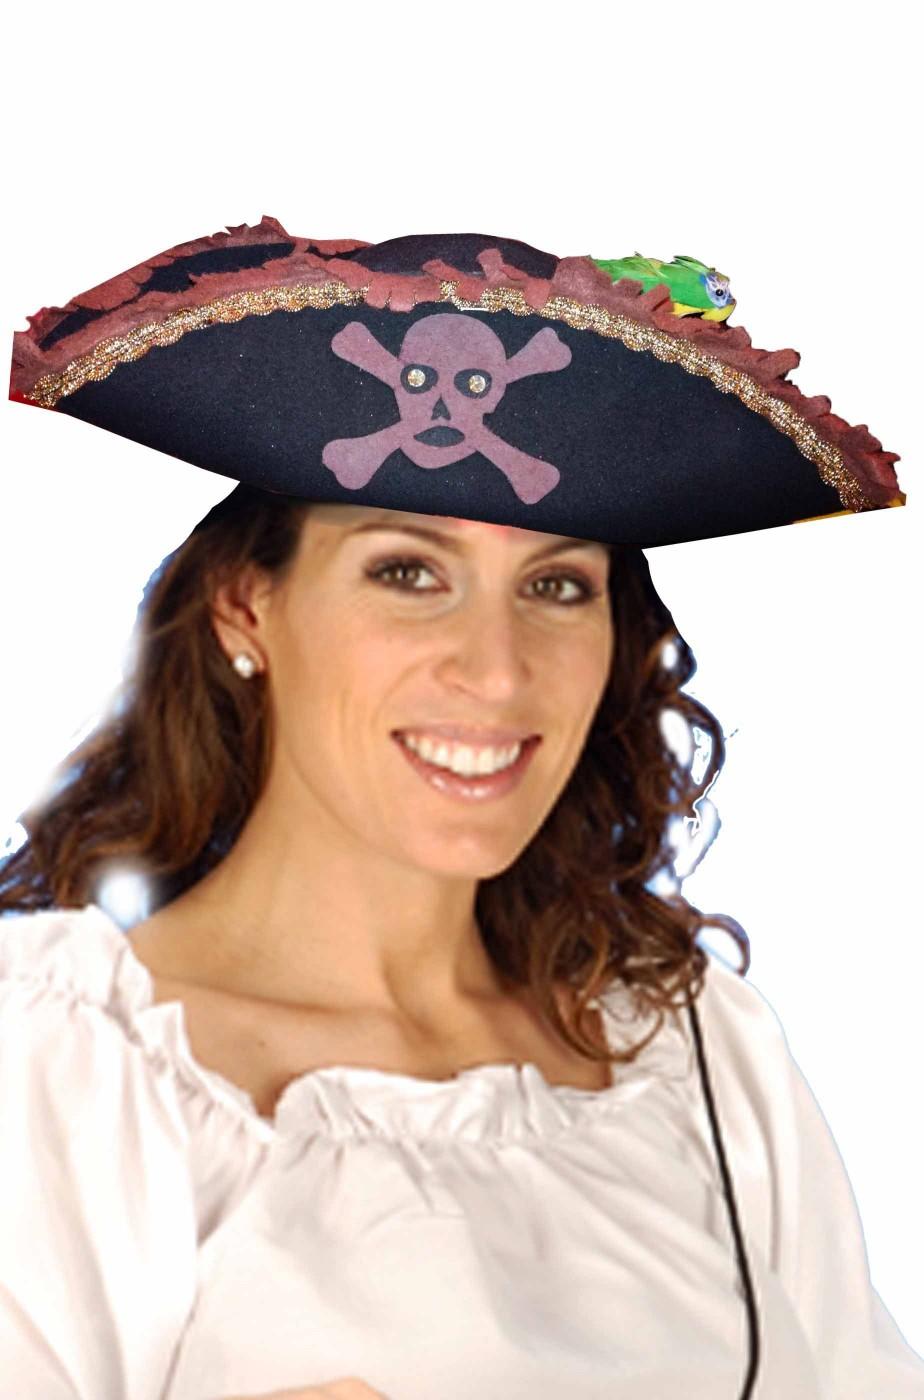 cappello di carnevale tricorno da pirata nero adulto con pappagallo 94f51afe3ec5